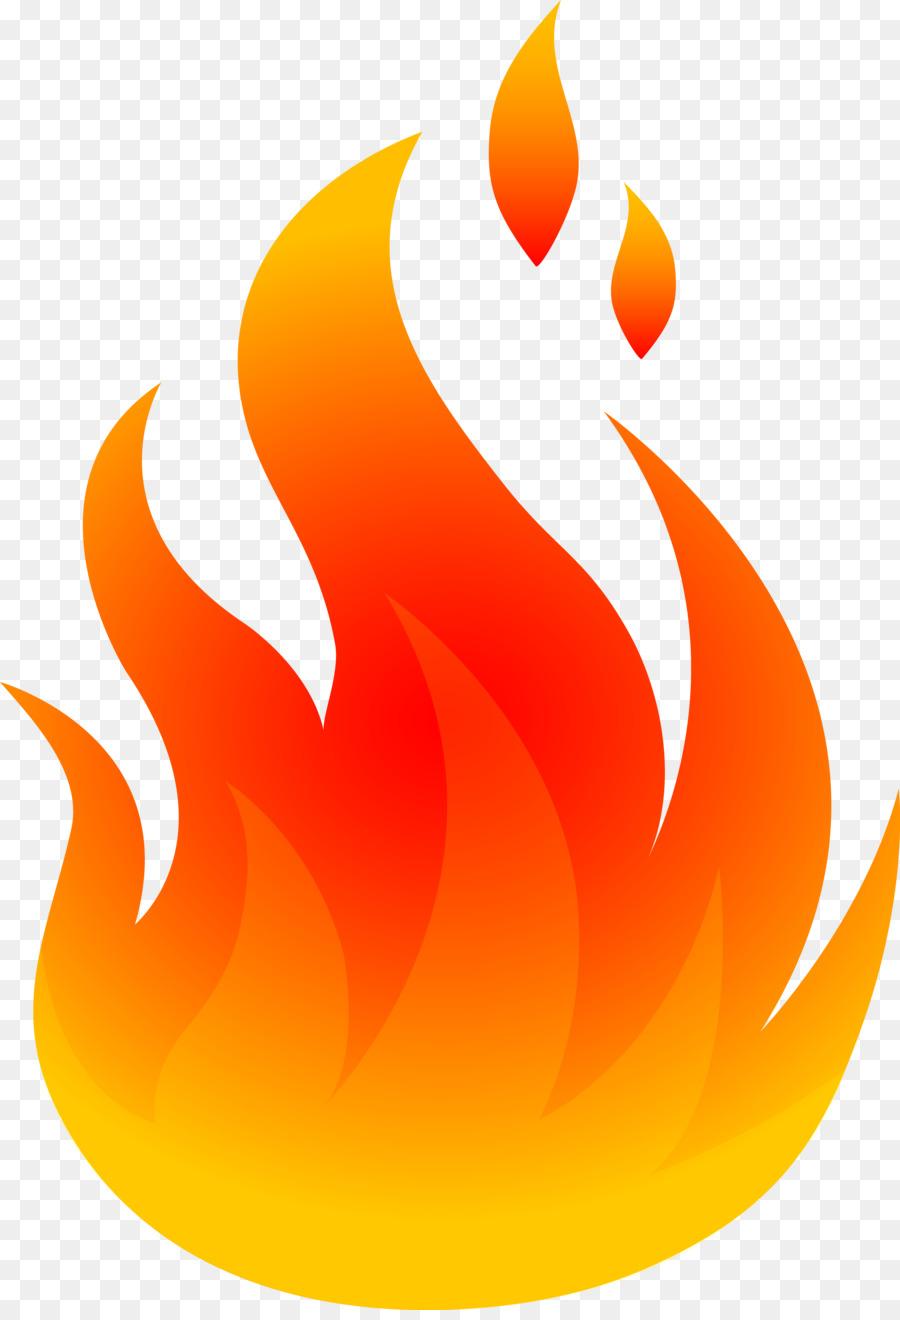 Fire flame. Clipart transparent clip art